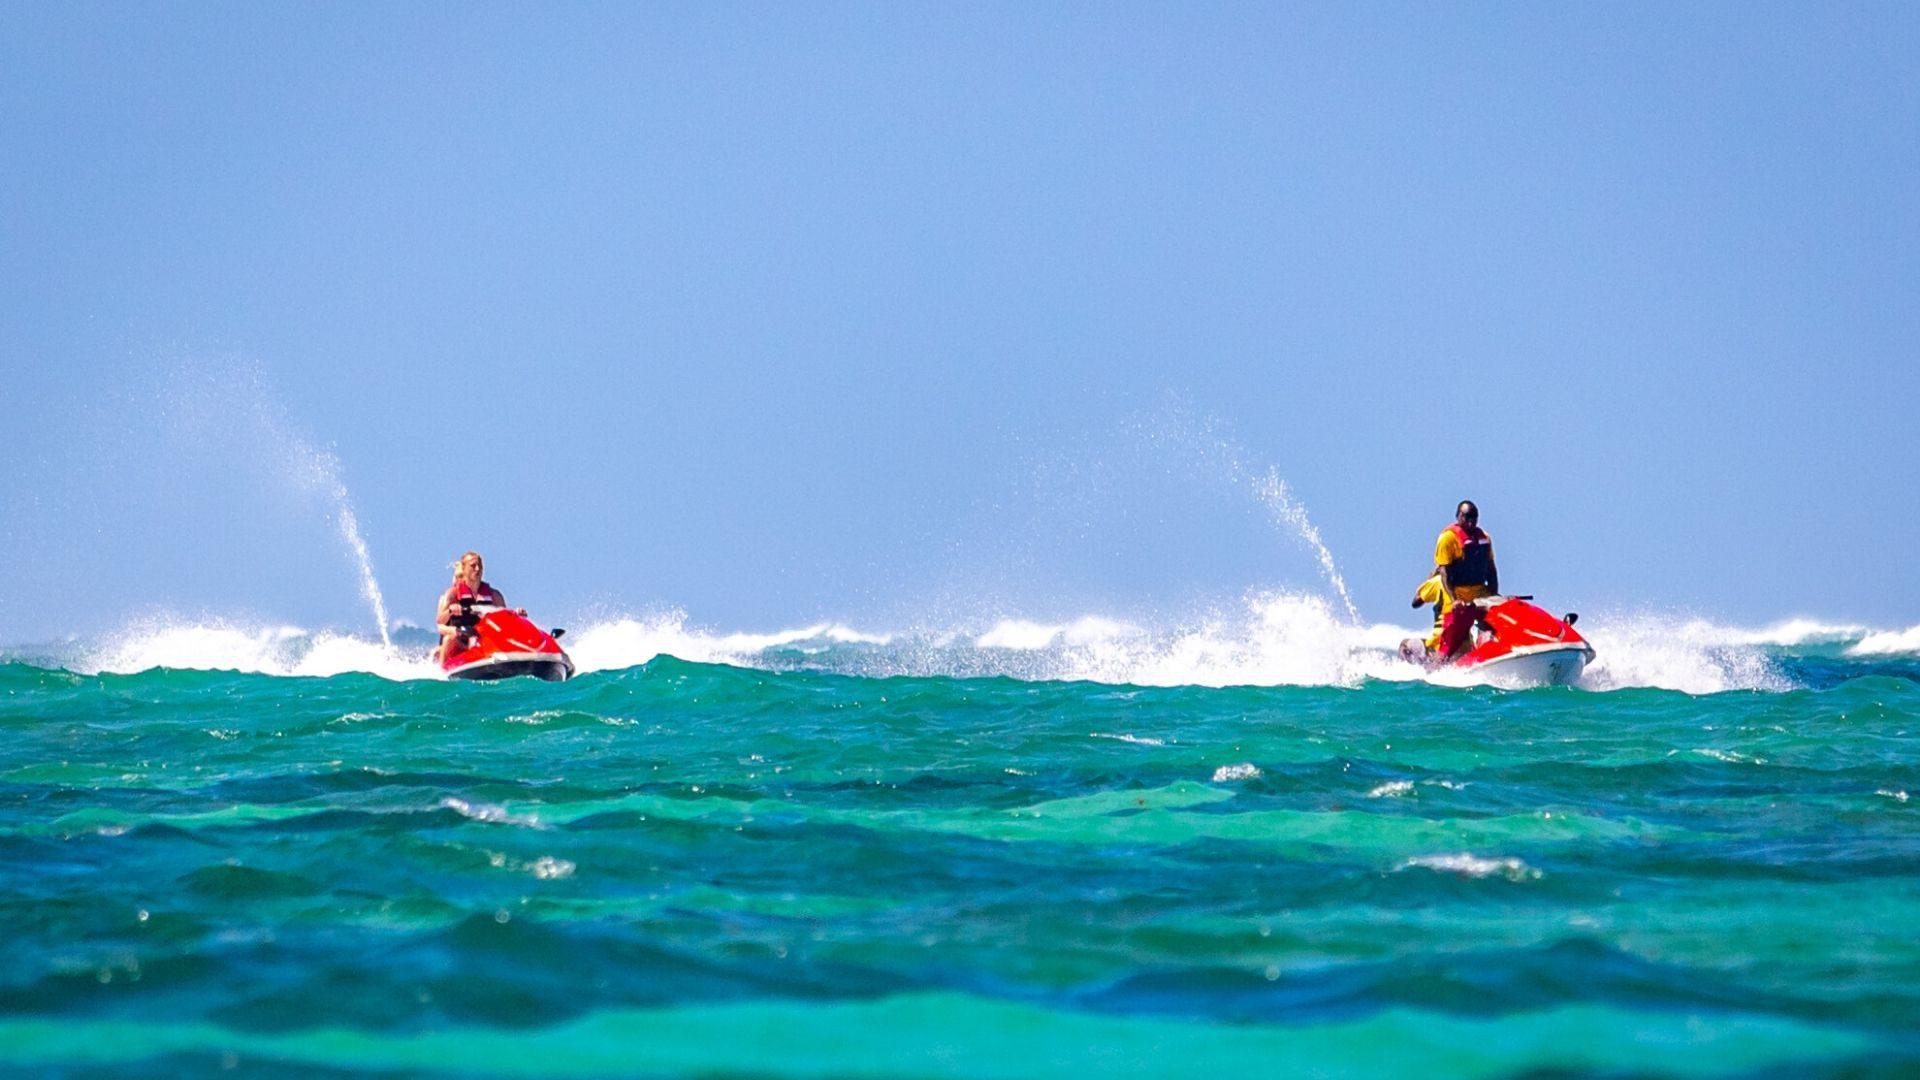 Poilsiaudami Diani Beach kurorte, galėsite smagiai plaukioti vandens motociklais